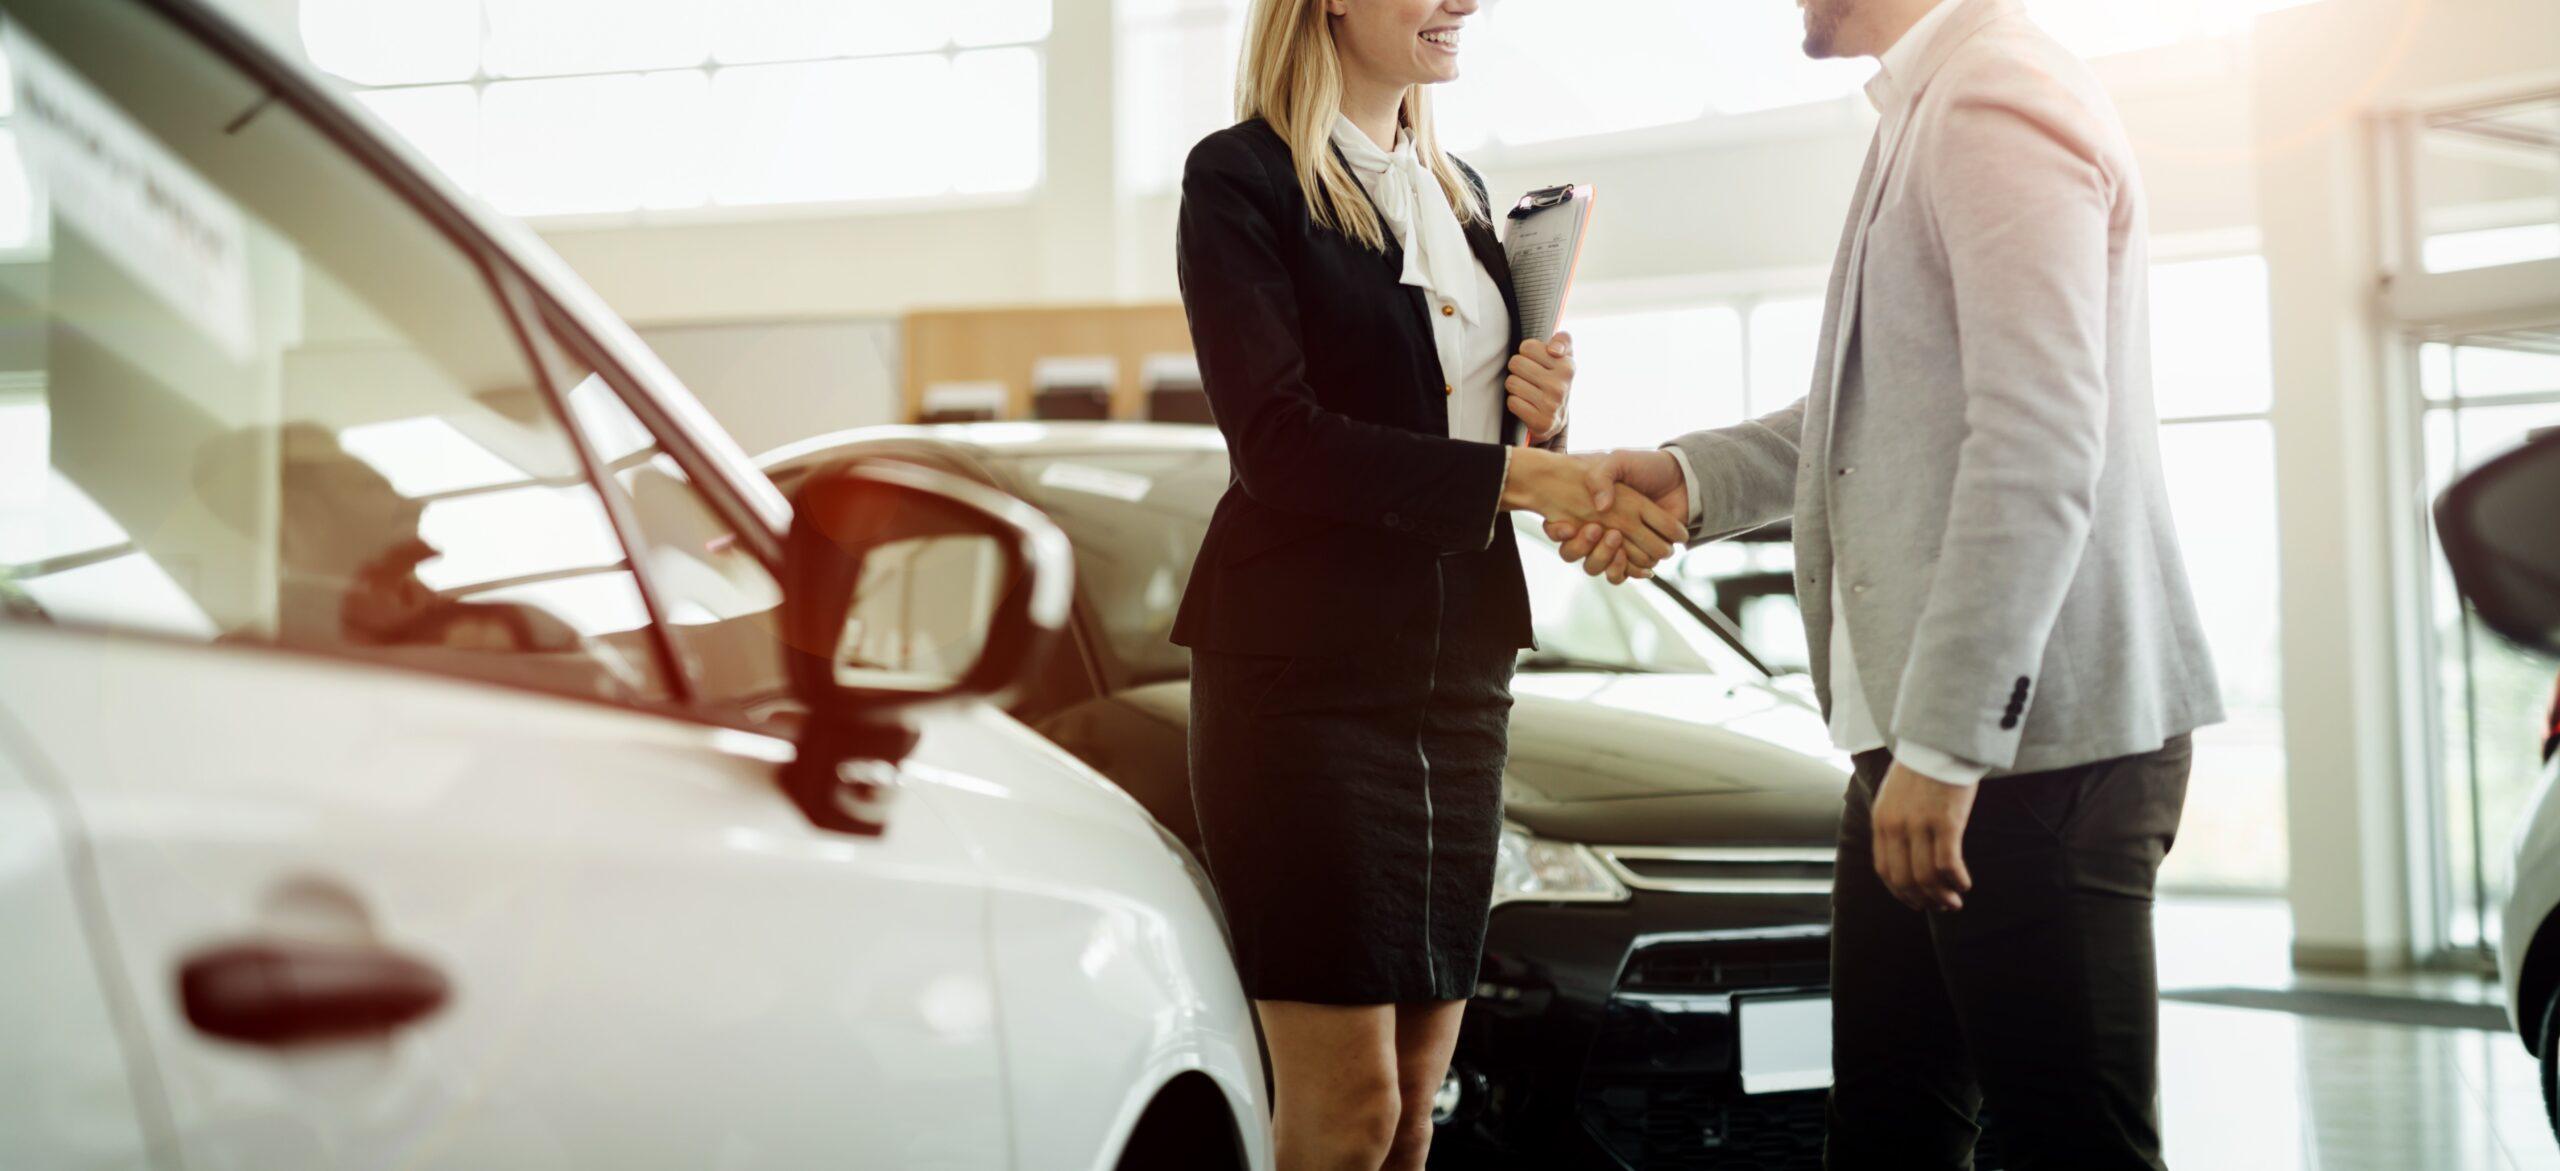 Usato: dove acquistare automobili usate a sassari